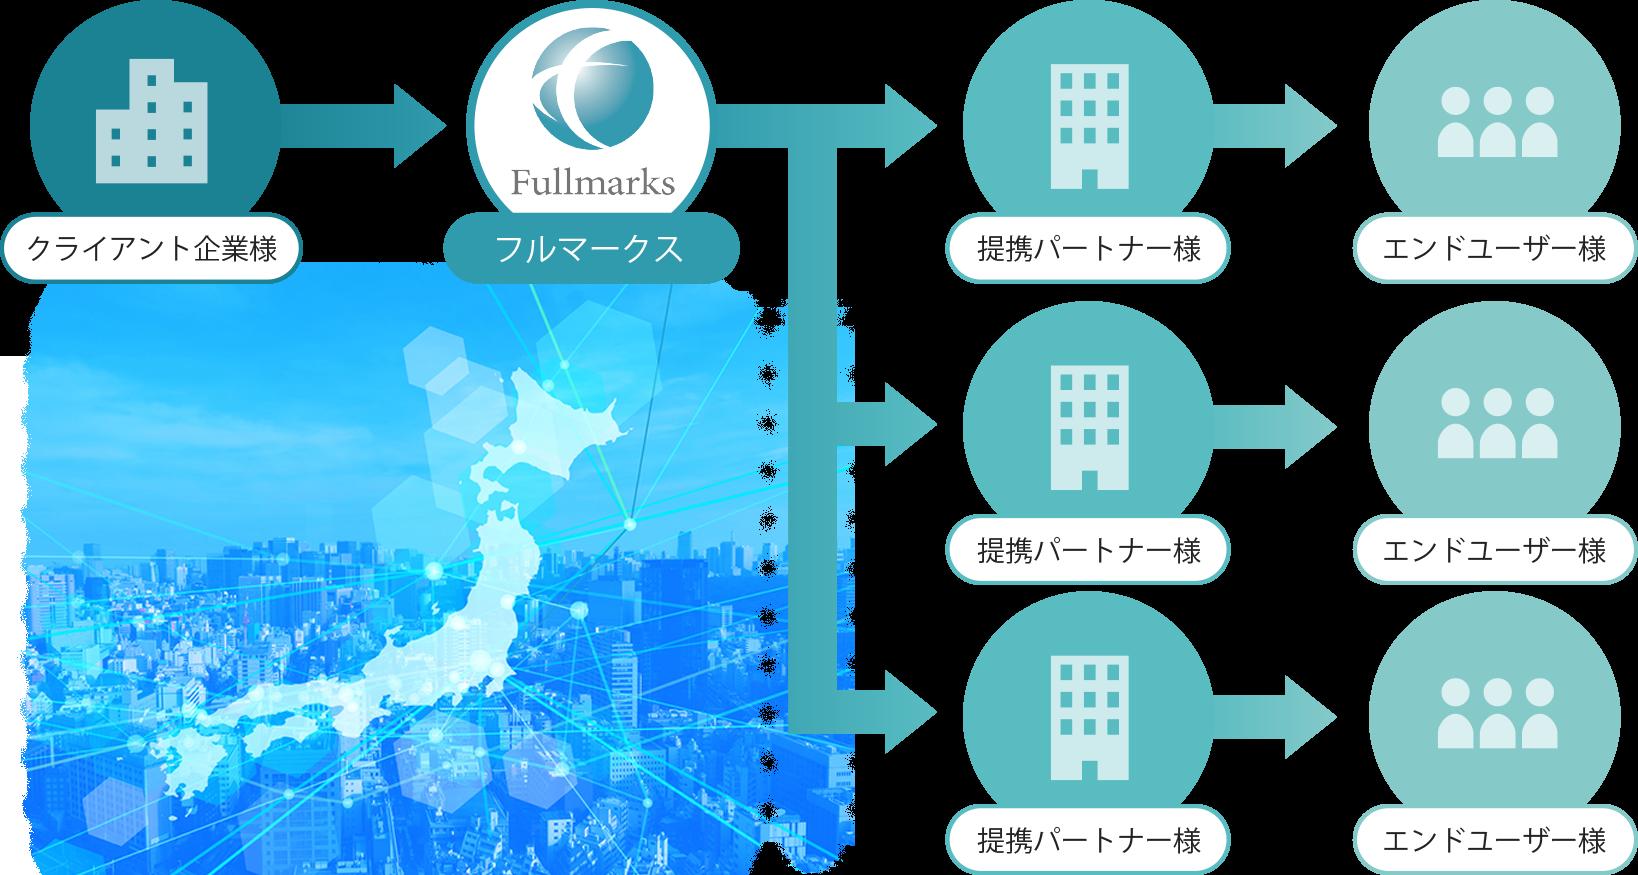 フル マークス 電気 電話番号2は電力削減プラン営業/フルマークス